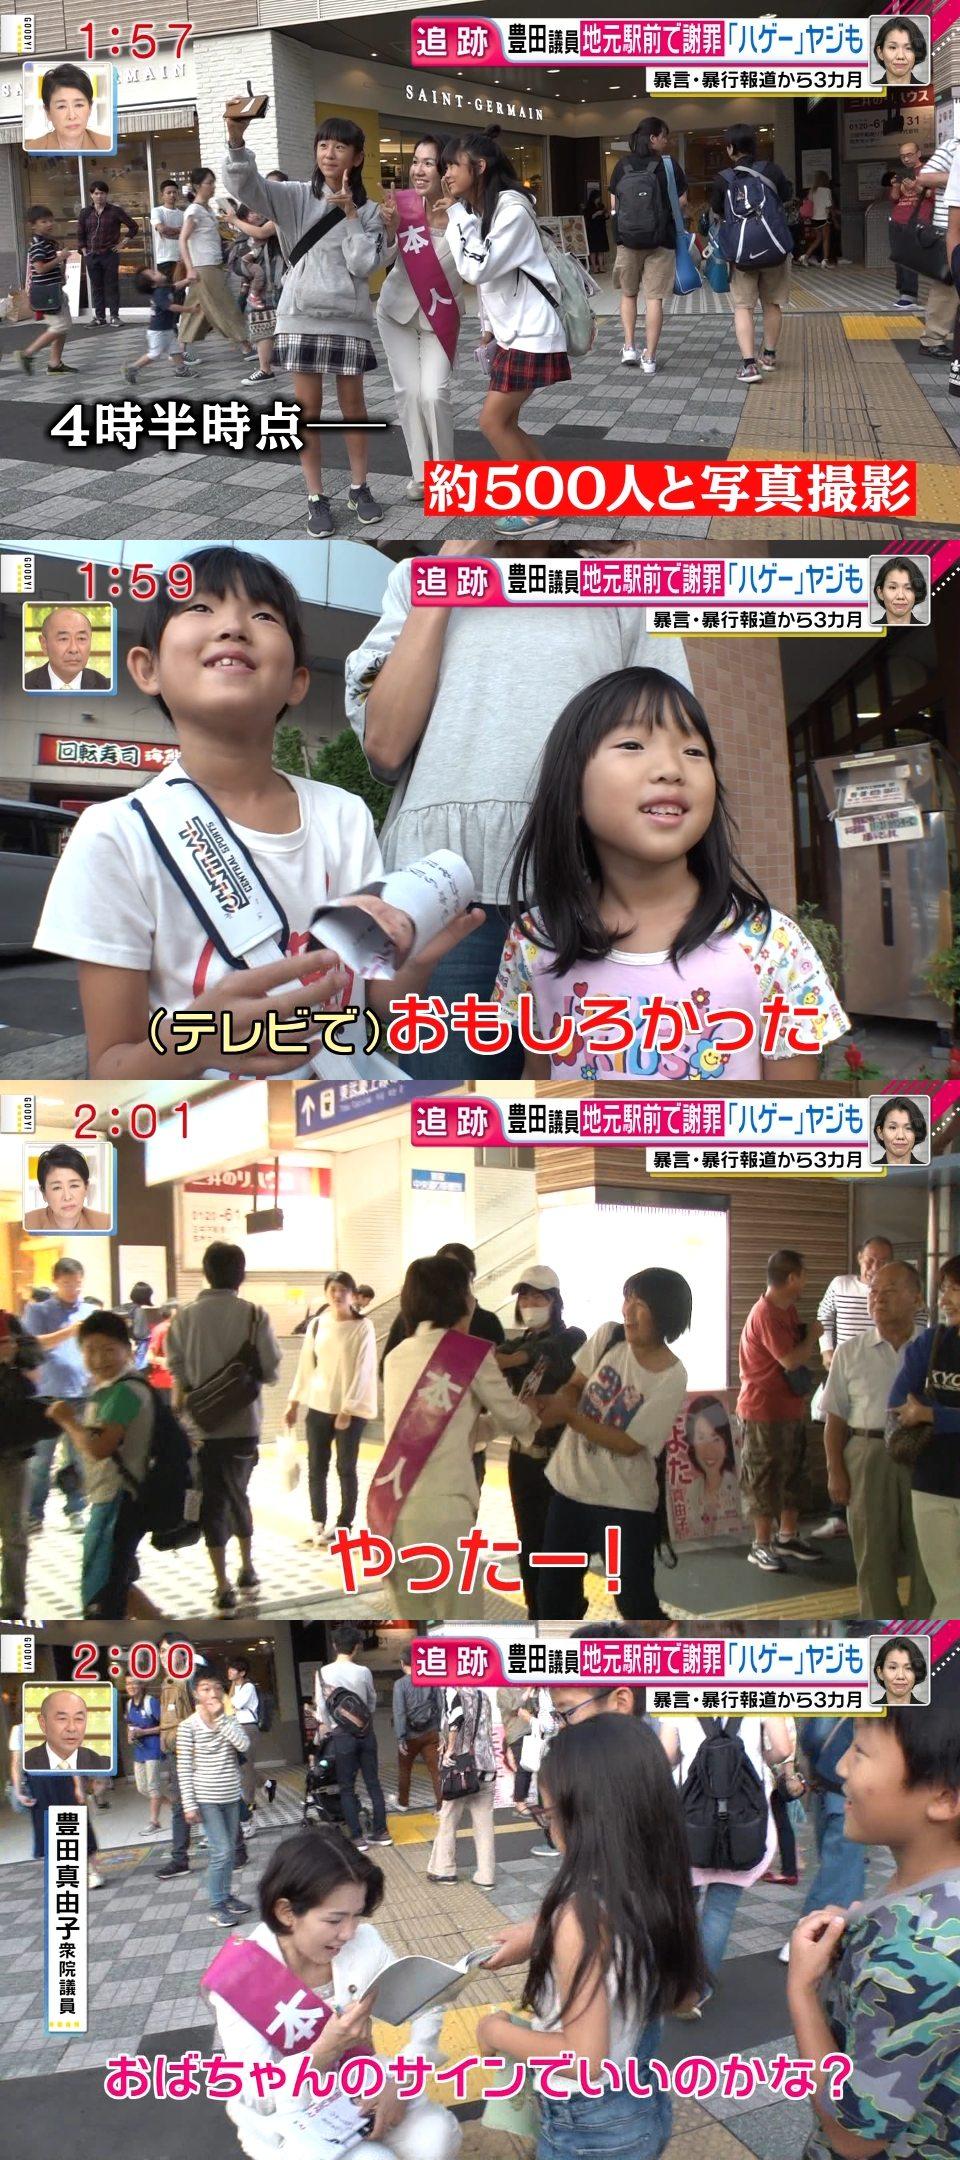 豊田真由子さんが大人気、インスタと握手求め連日ファン大行列wwwwwwwwwwwwwのサムネイル画像